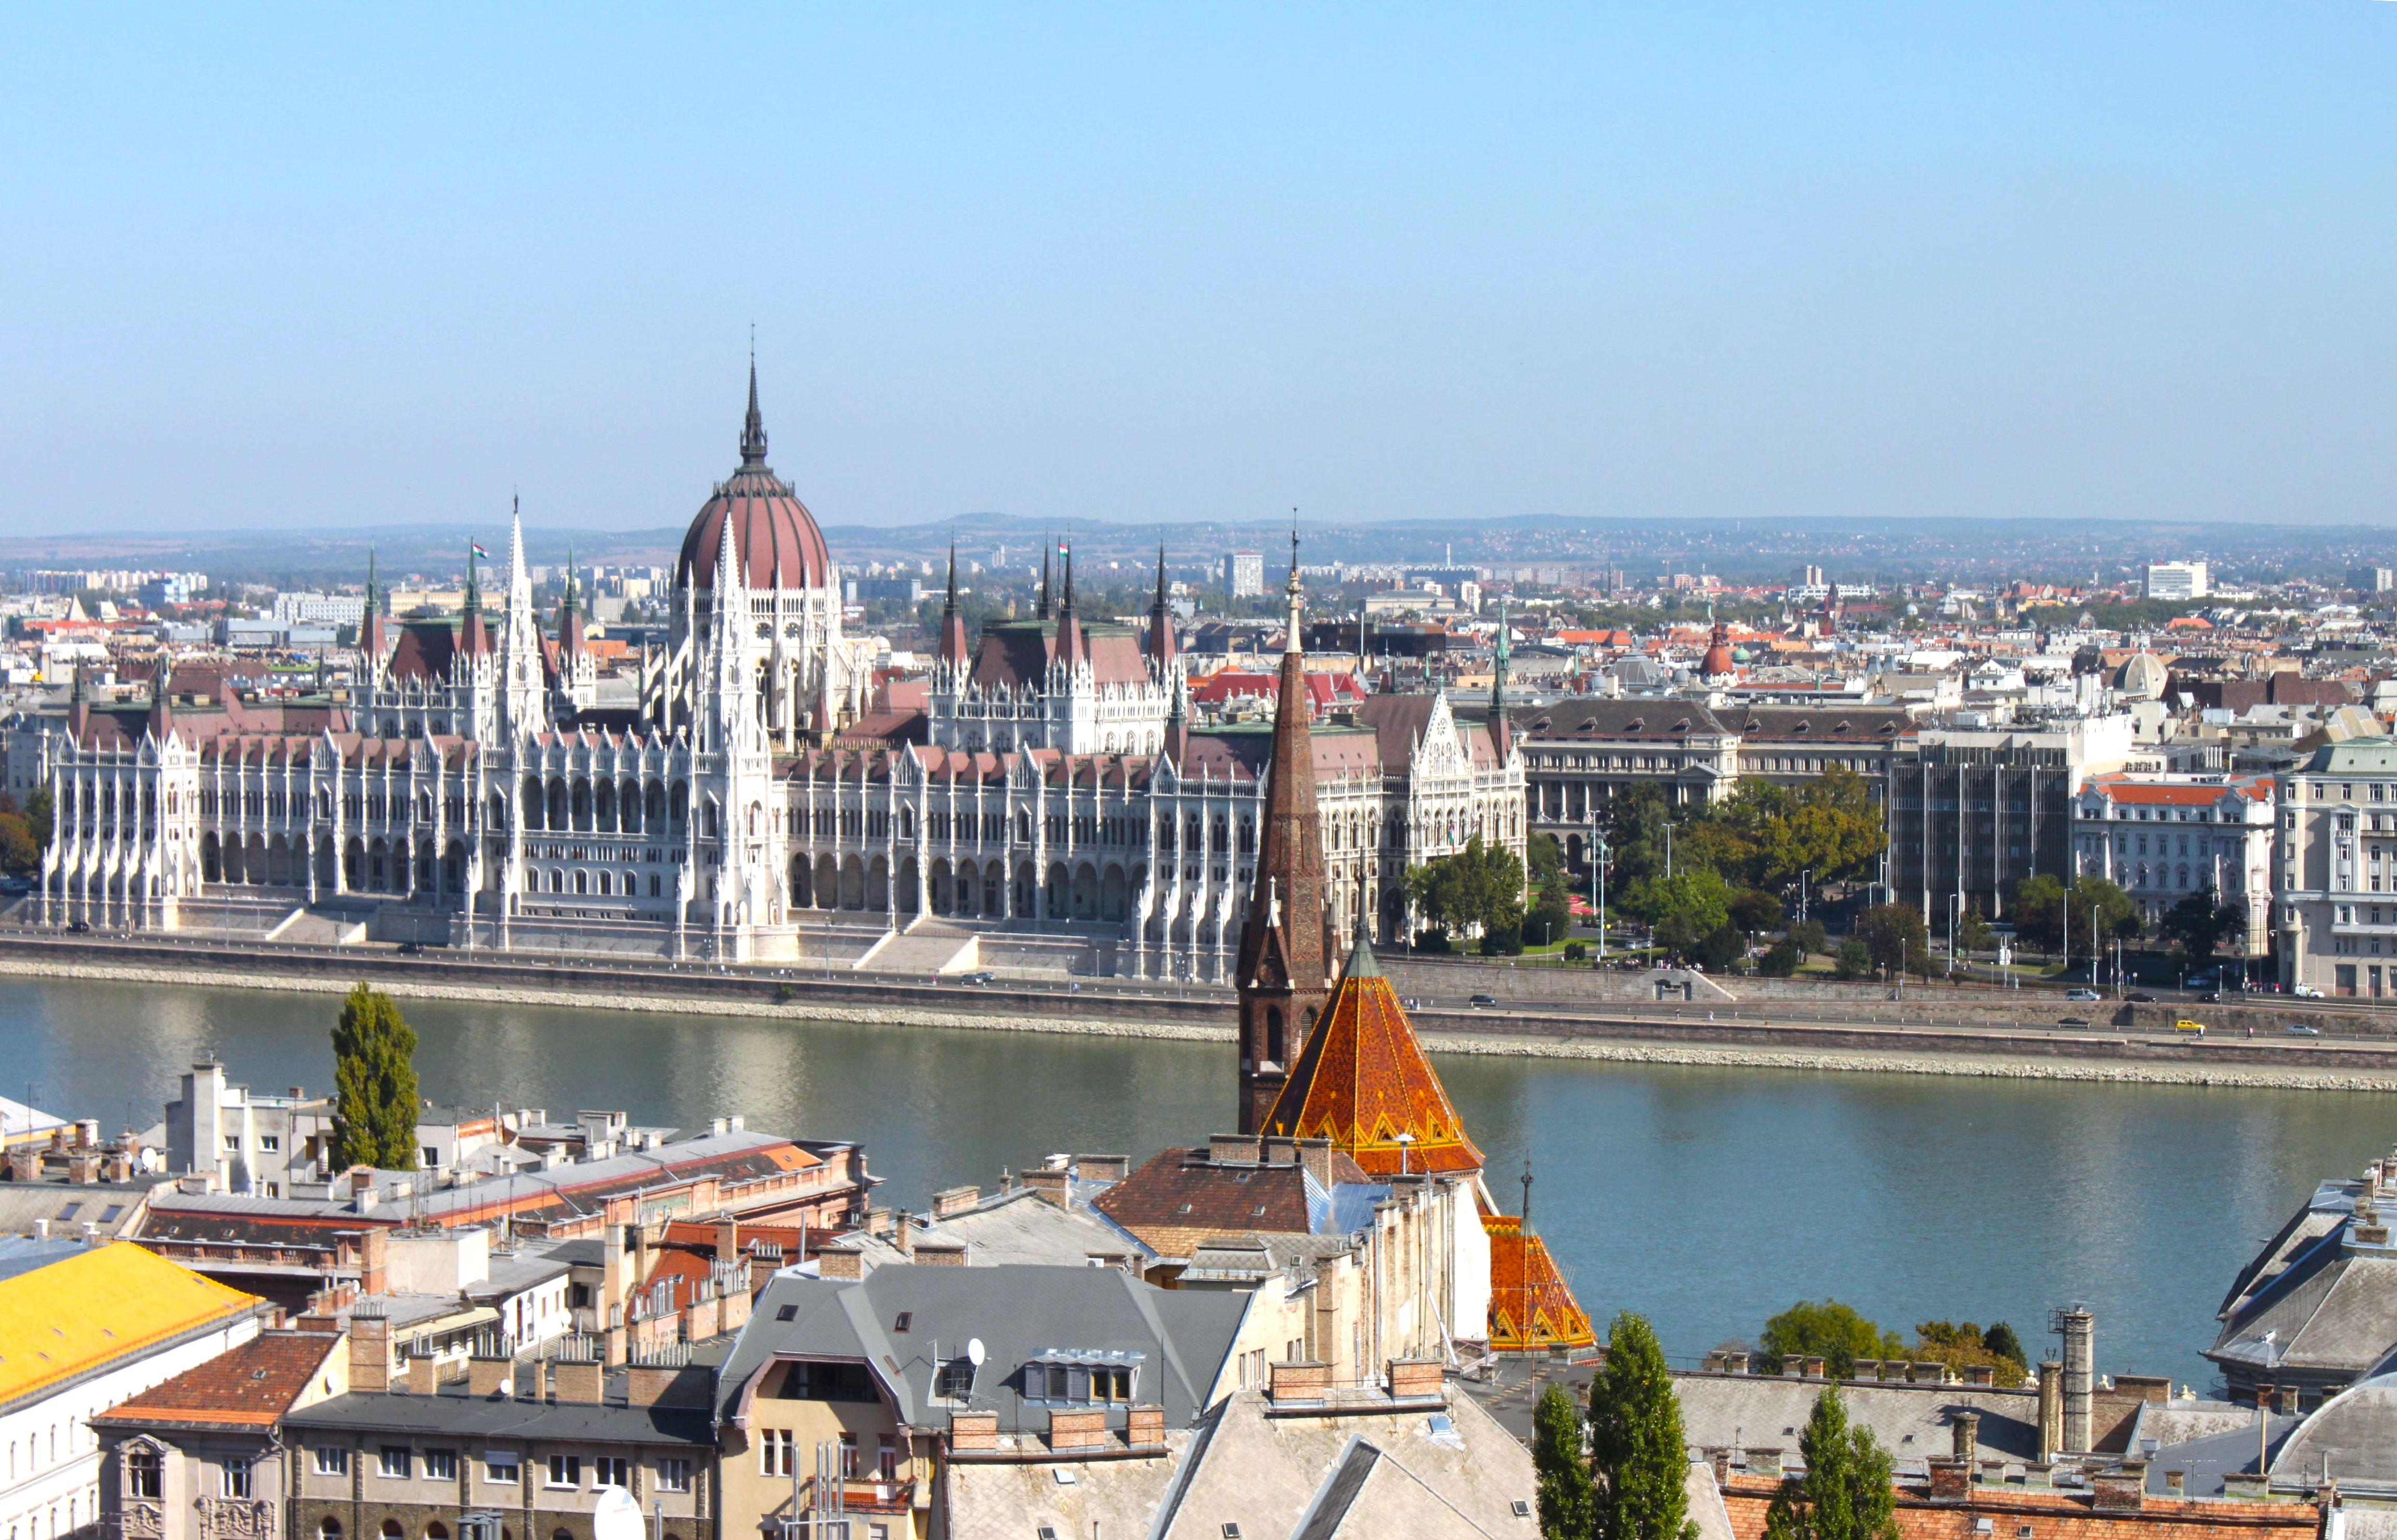 Tutta Budapest a perdita d'occhio con il Palazzo del Parlamento che è talmente bello da essere ipnotico